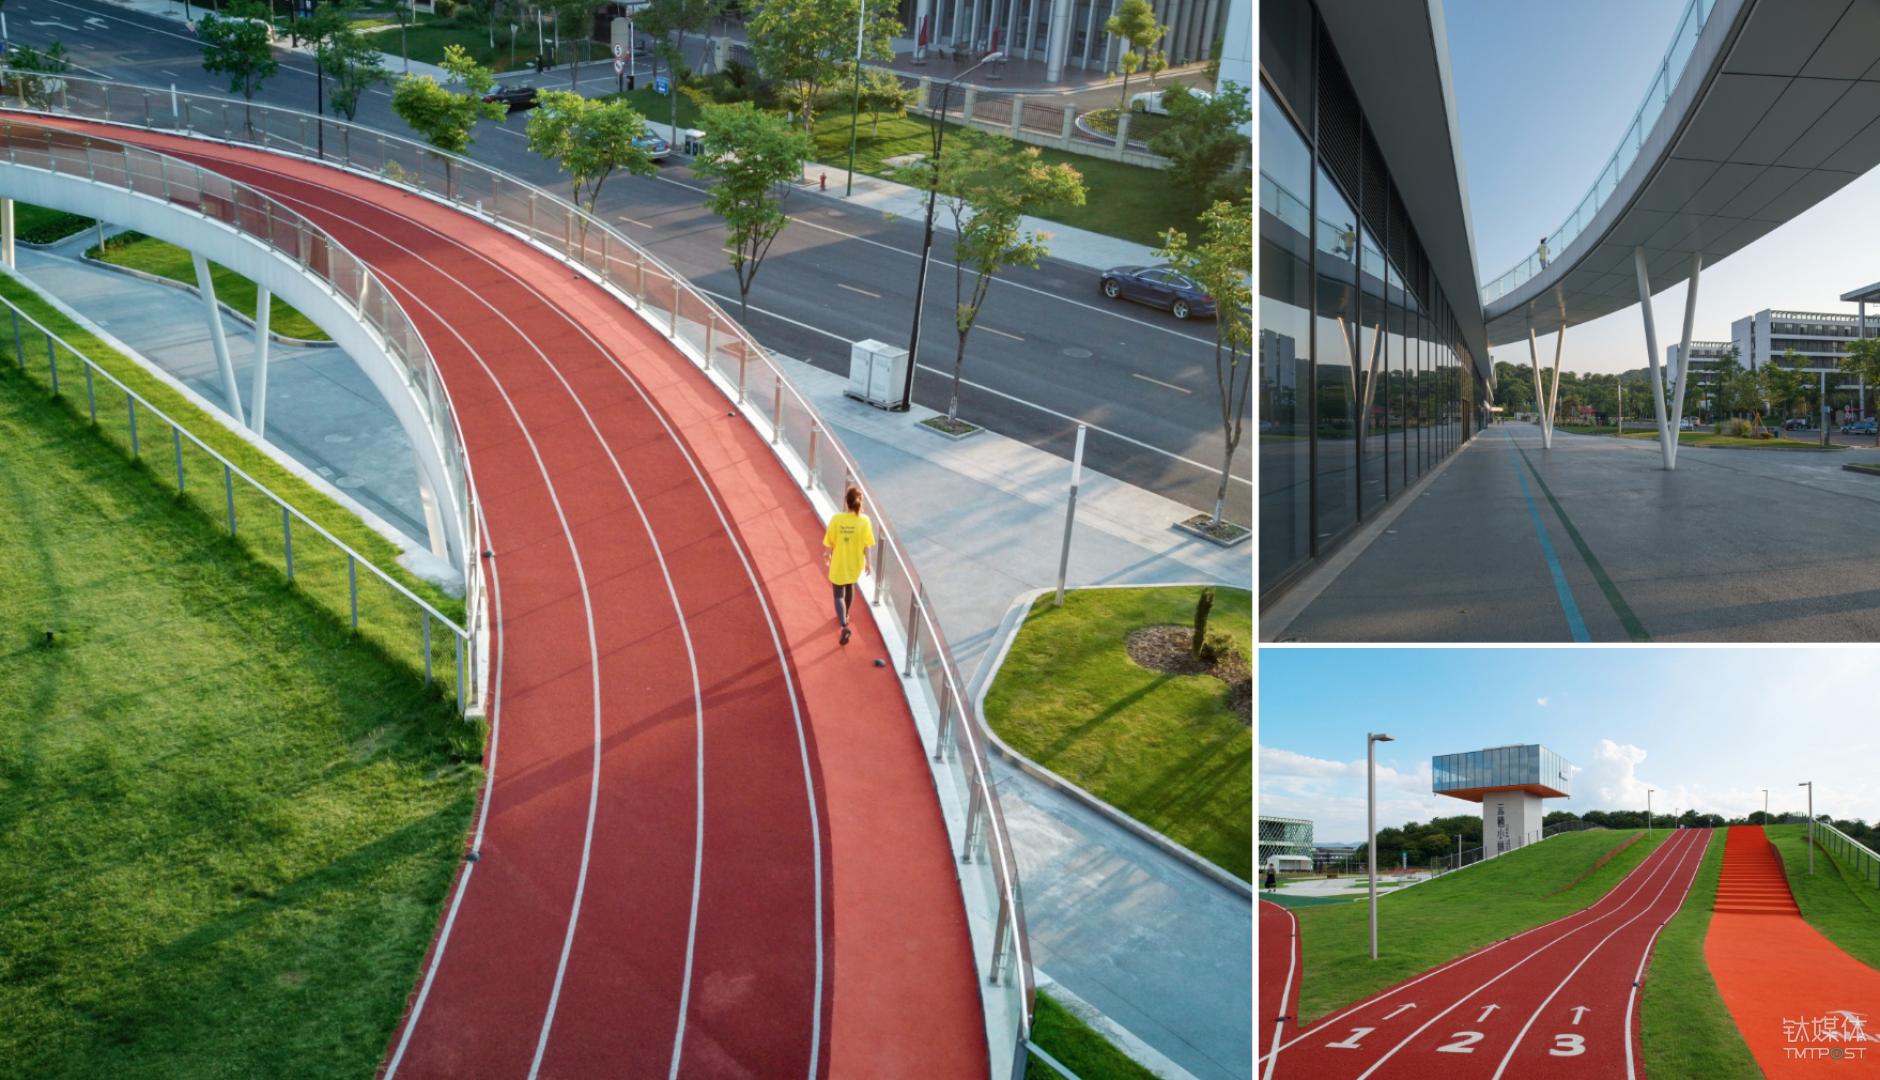 云栖小镇会展中心设计师马迪:城市公共建筑资源该如何